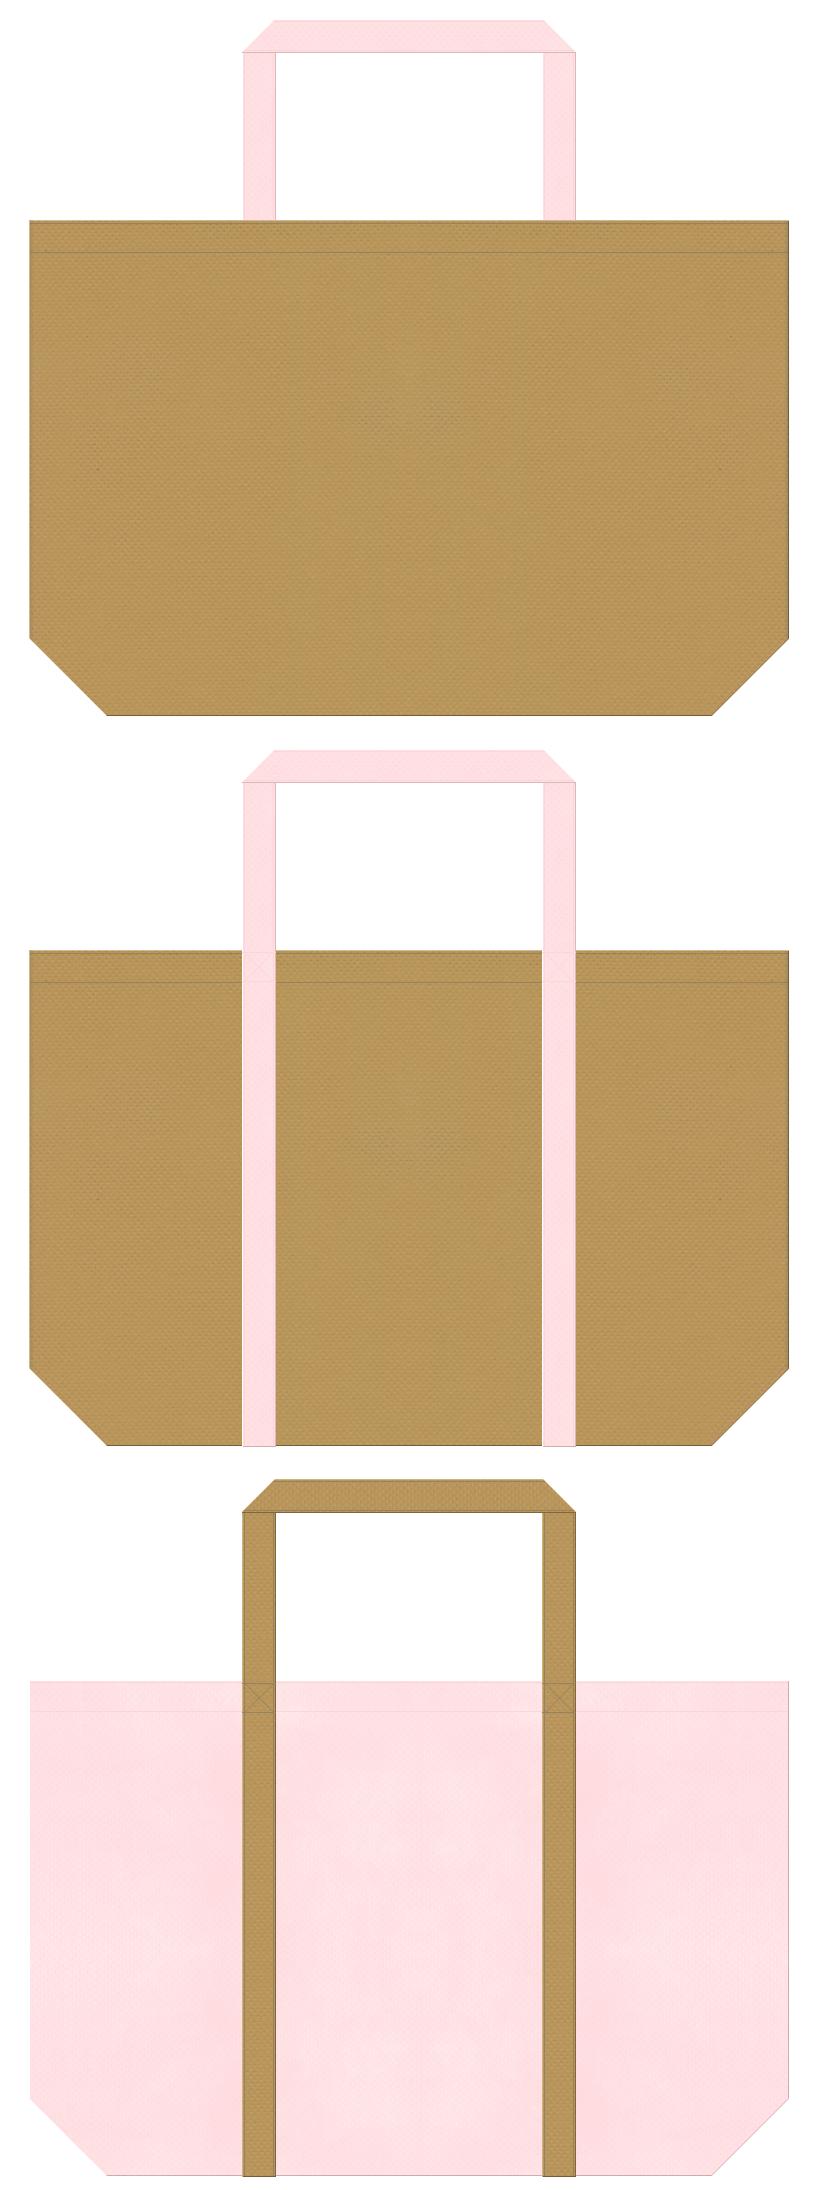 ペットショップ・ペットサロン・アニマルケア・ペット用品・ペットフードのショッピングバッグにお奨めの不織布バッグデザイン:金黄土色と桜色のコーデ